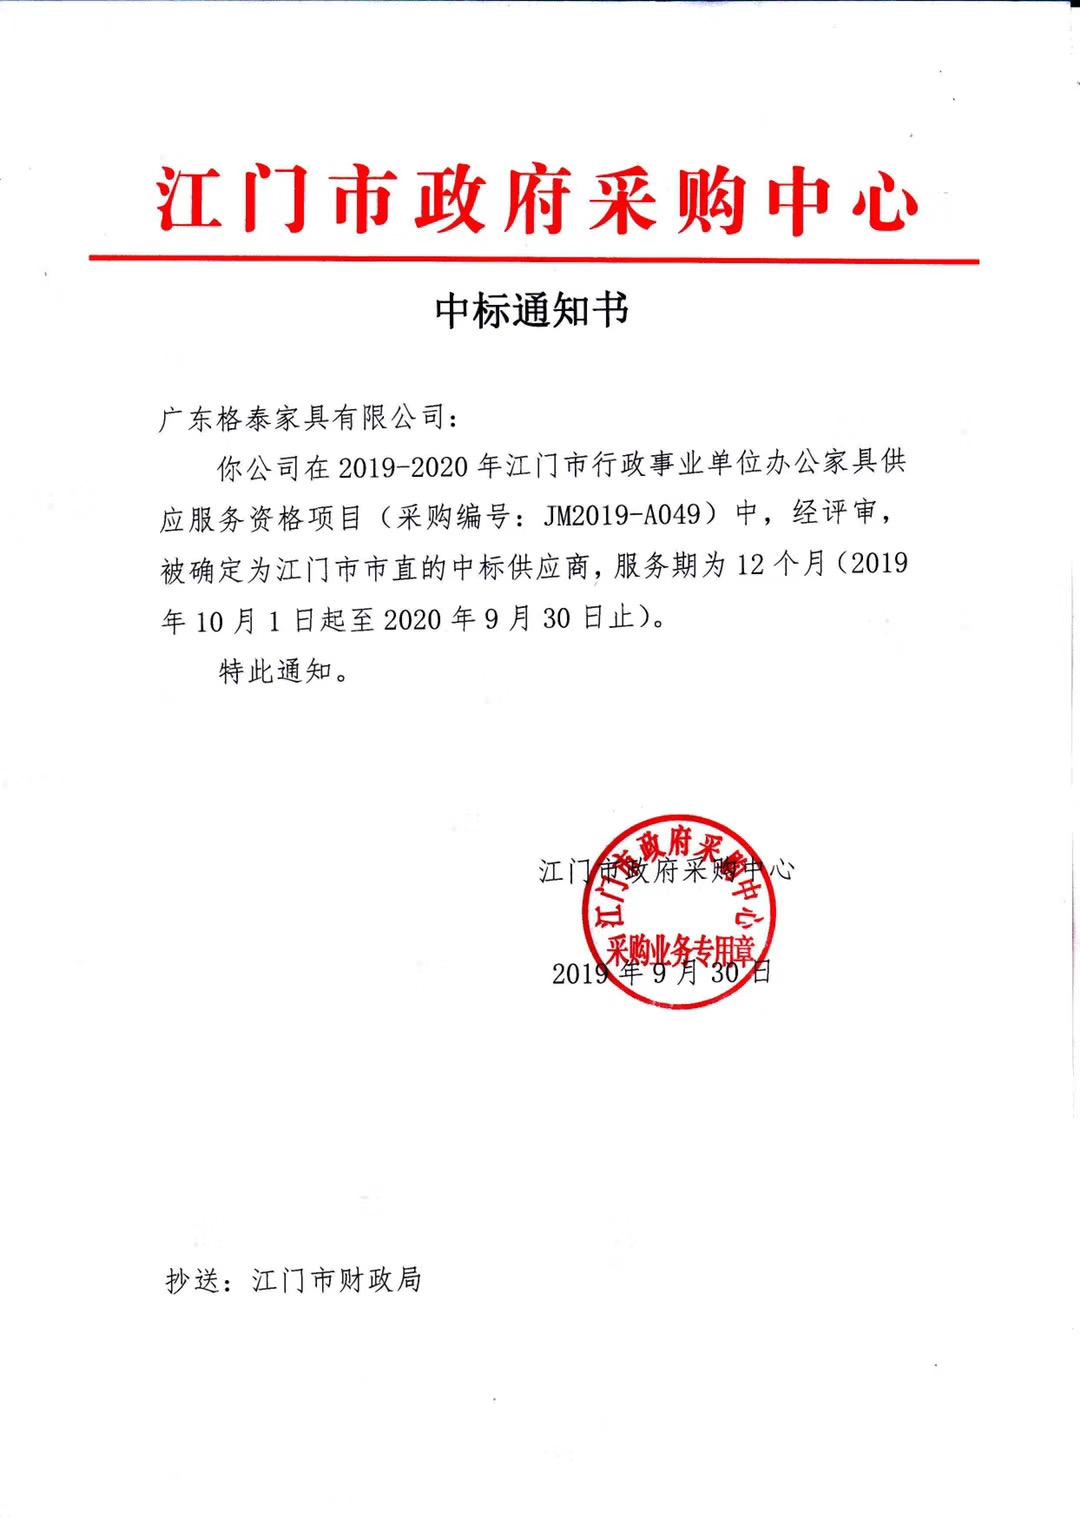 江门市政府中标通知书